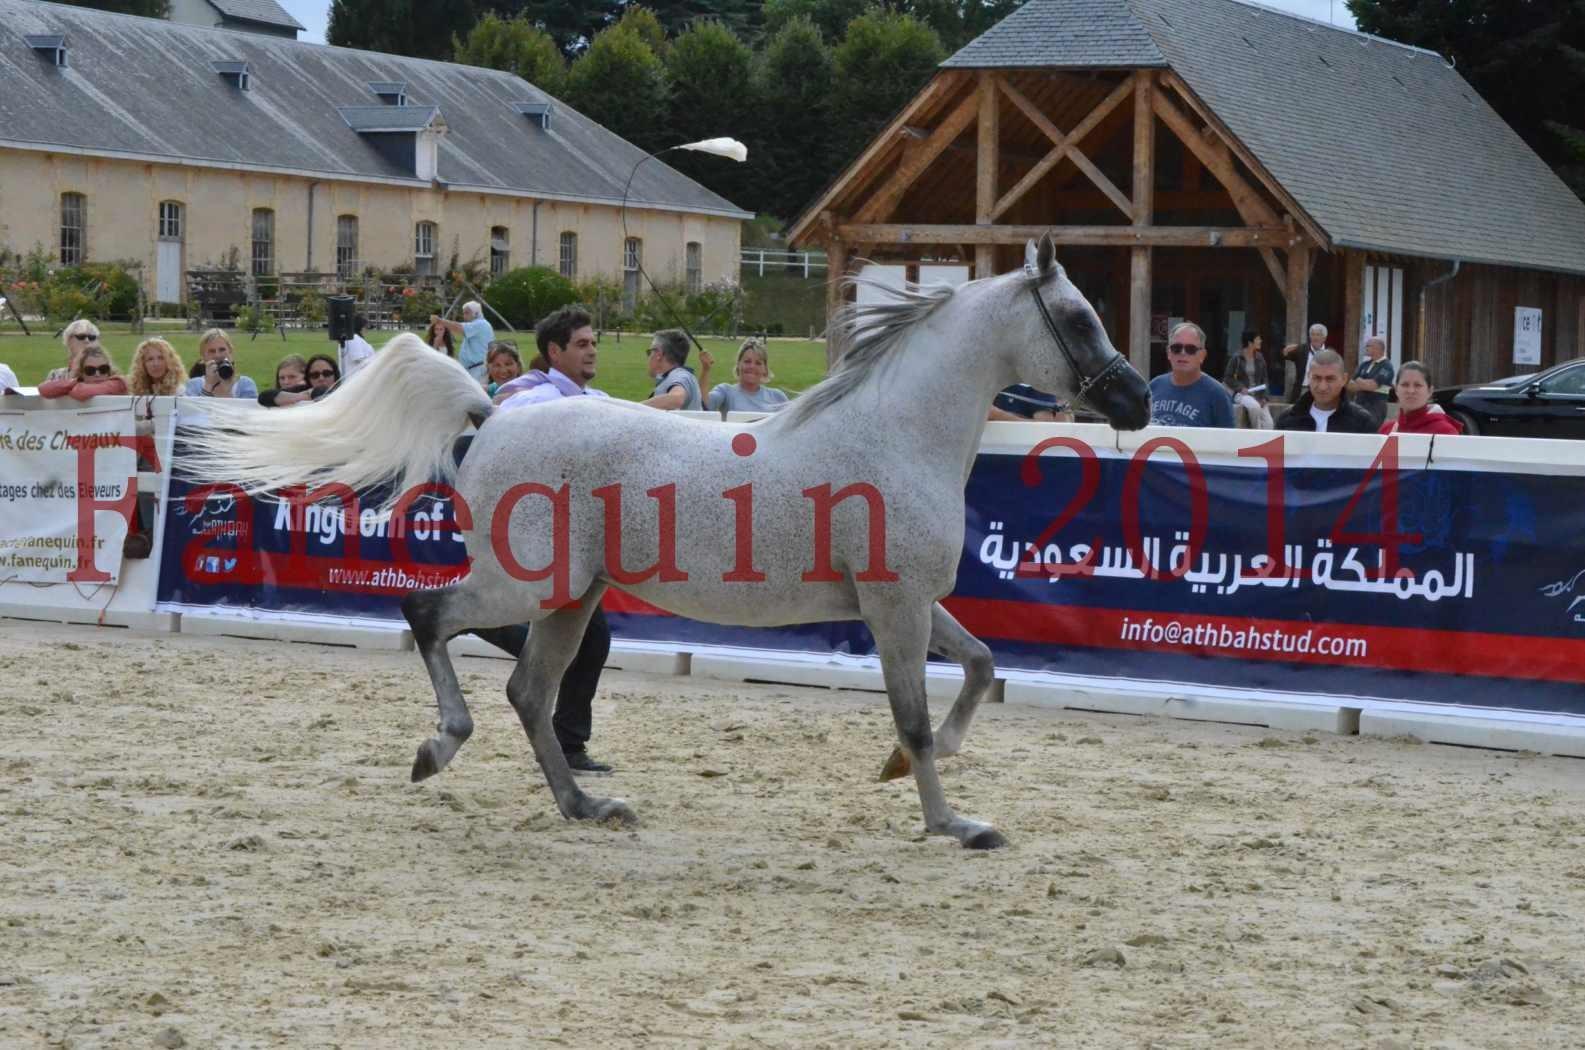 CHAMPIONNAT DE FRANCE  2014 A POMPADOUR - Championnat - SHEYK DE GARGASSAN - 01